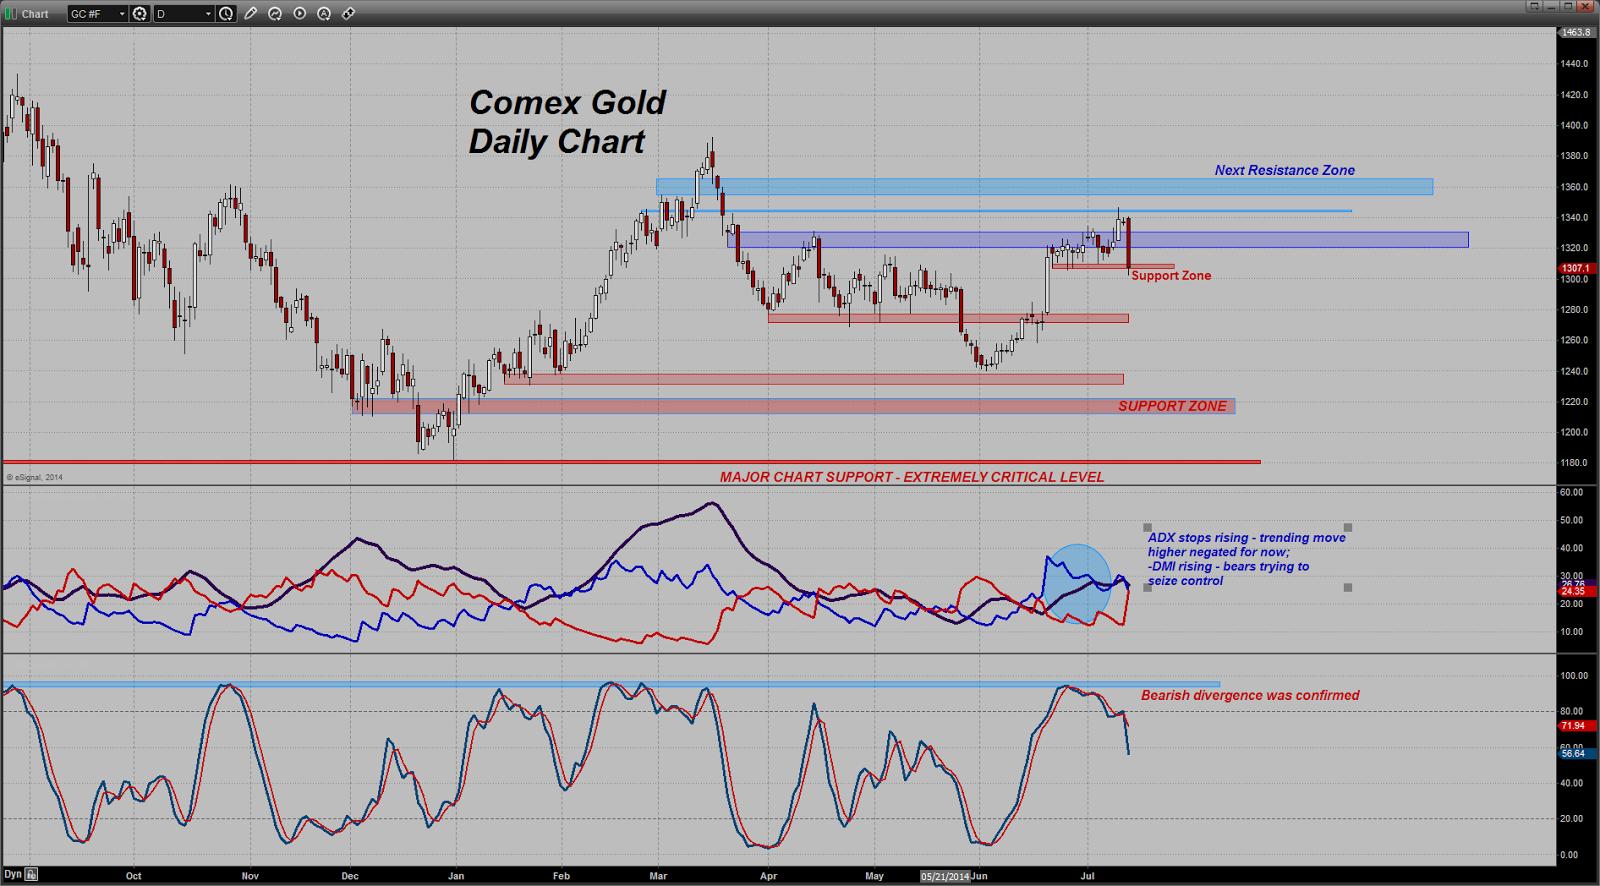 prix de l'or, de l'argent et des minières / suivi quotidien en clôture - Page 13 Chart20140714090957